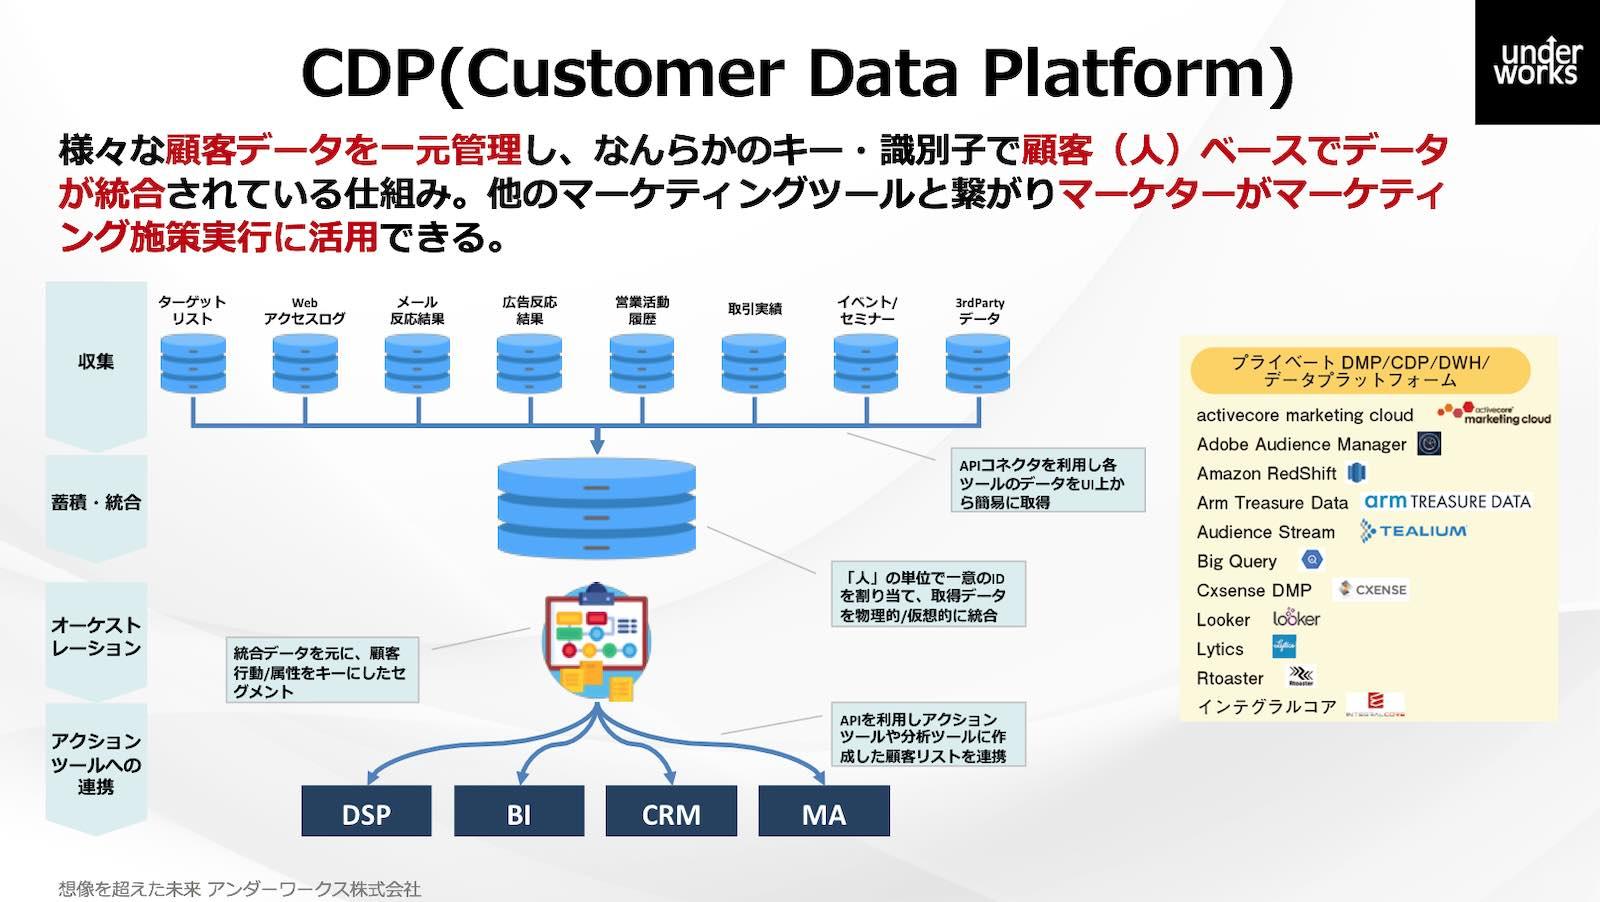 資料:CDP(Customer Data Platform) 様々な顧客データを一元管理し、なんらかのキー・識別子で顧客(人)ベースでデータが統合されている仕組み。他のマーケティングツールとつ繋がりマーケターがマーケティング施策実行に活用できる。